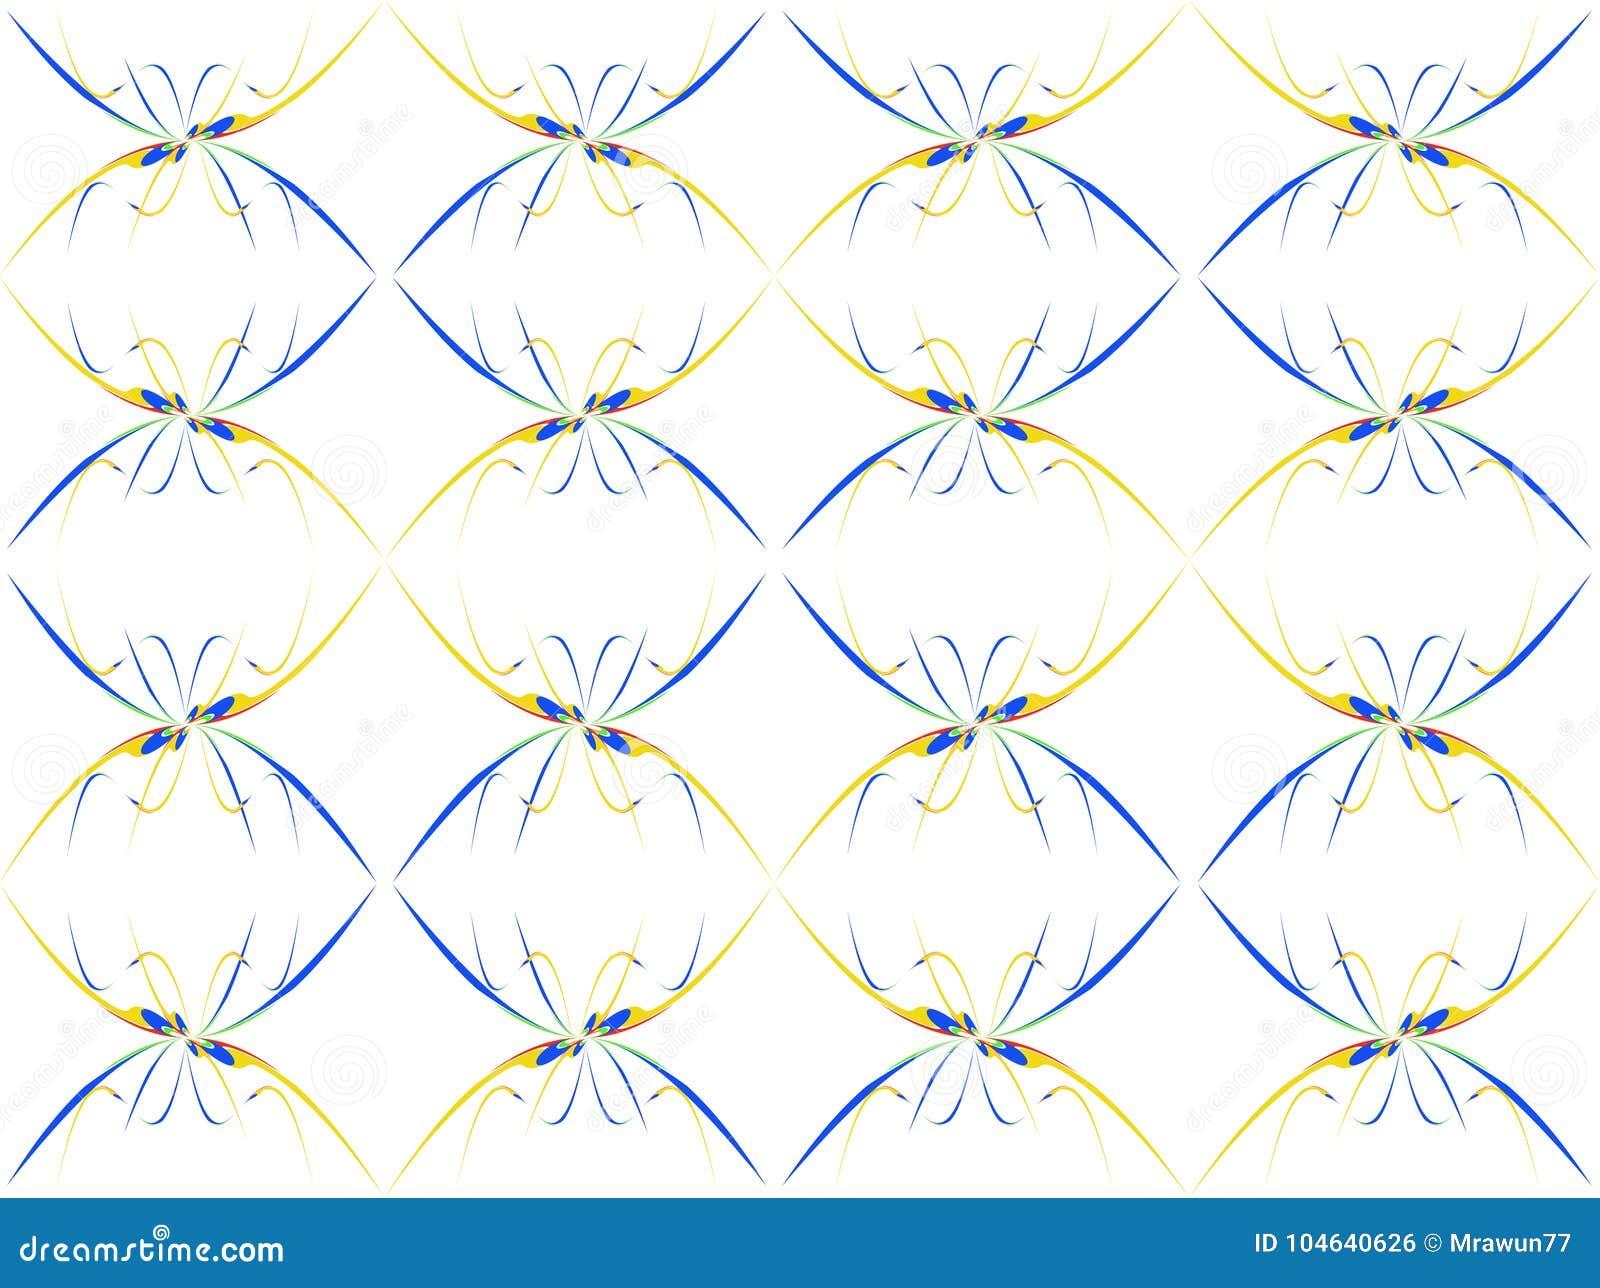 Download Seni Desain stock foto. Afbeelding bestaande uit ontwerp - 104640626